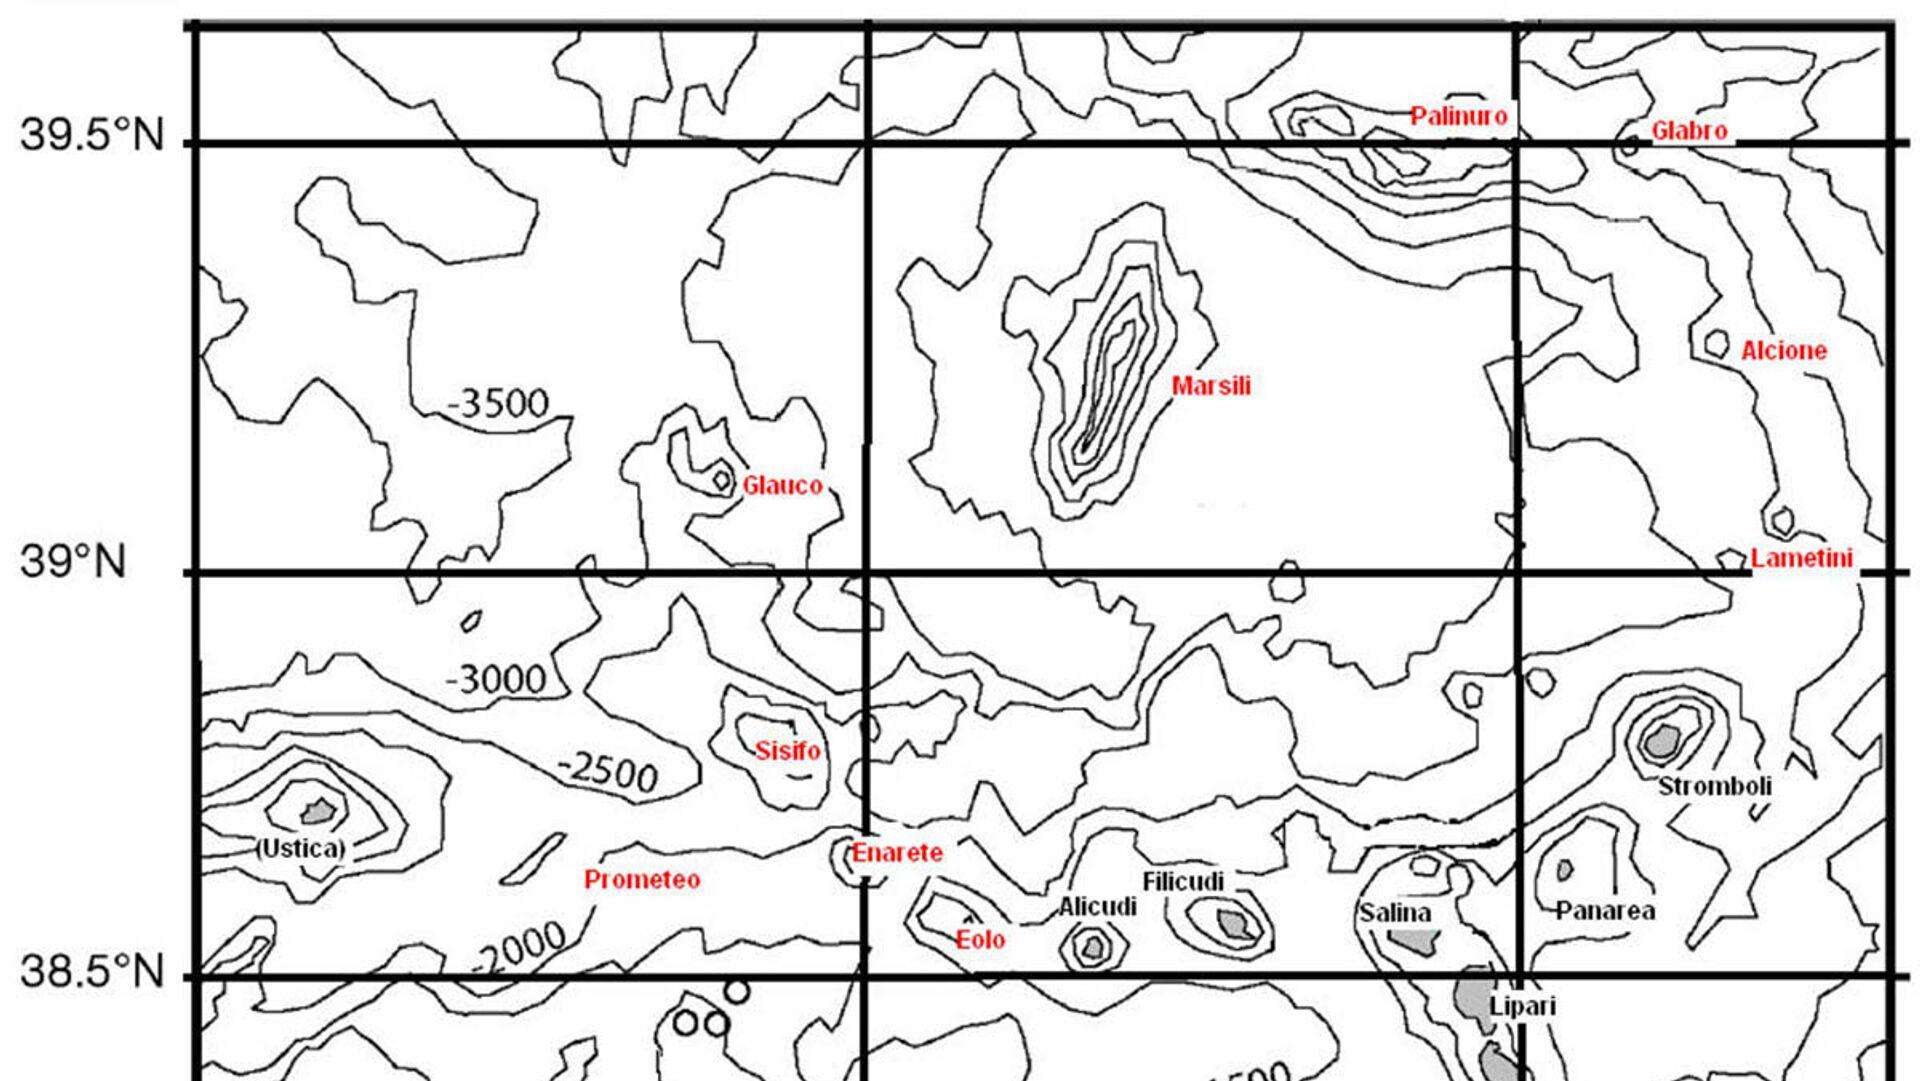 Il Marsili, un vulcano sottomarino localizzato nel Tirreno meridionale e appartenente all'arco insulare Eoliano - Sputnik Italia, 1920, 14.10.2021